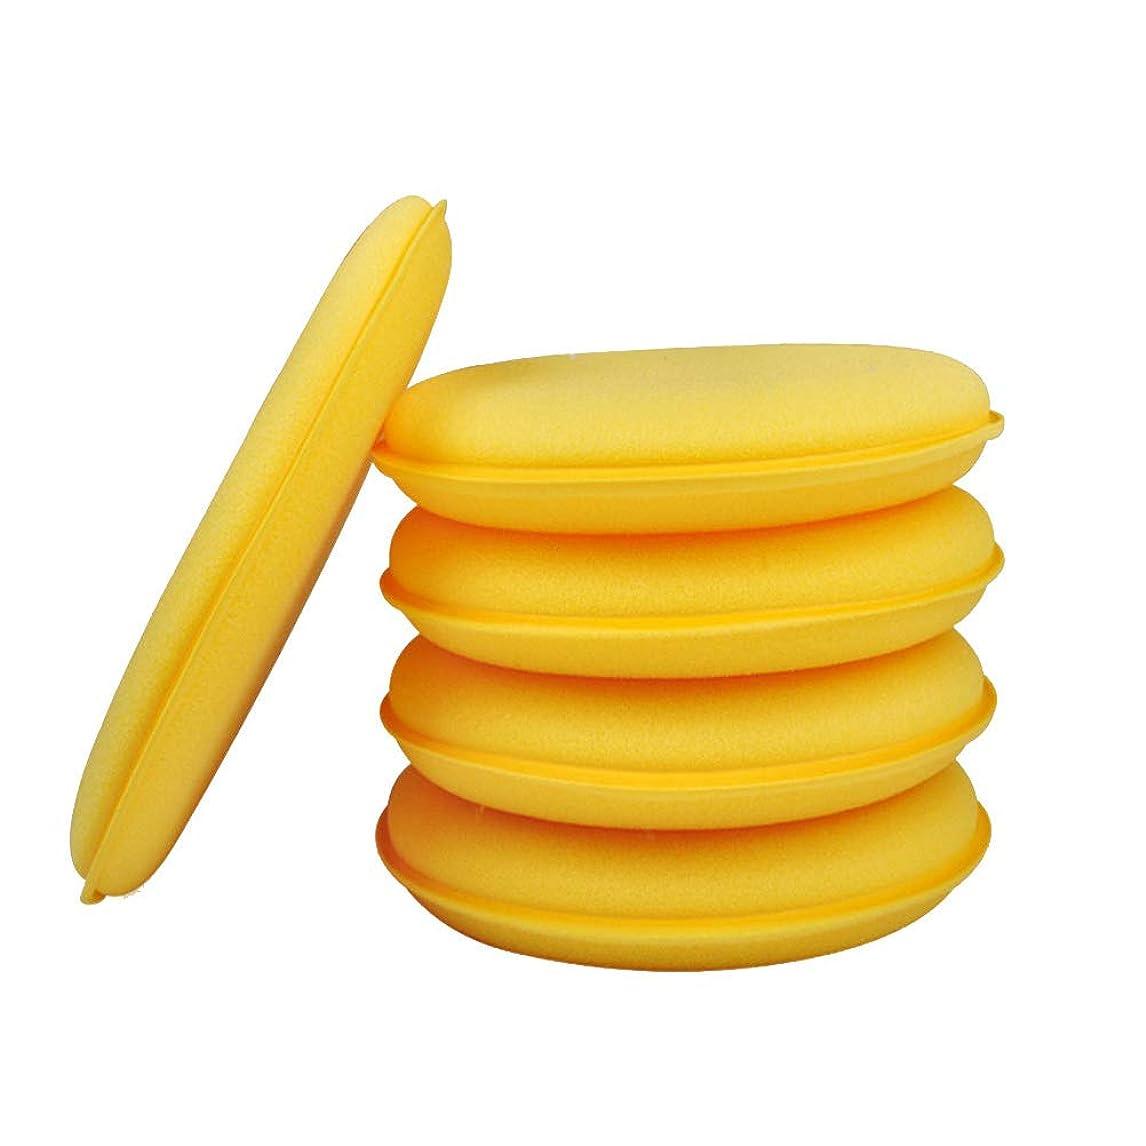 豆腐漏斗インサートVosarea 12ピース洗車スポンジクリーニングスクラバーカーワックスアプリケーターパッド用自動車自動車クリーナーツール(黄色)